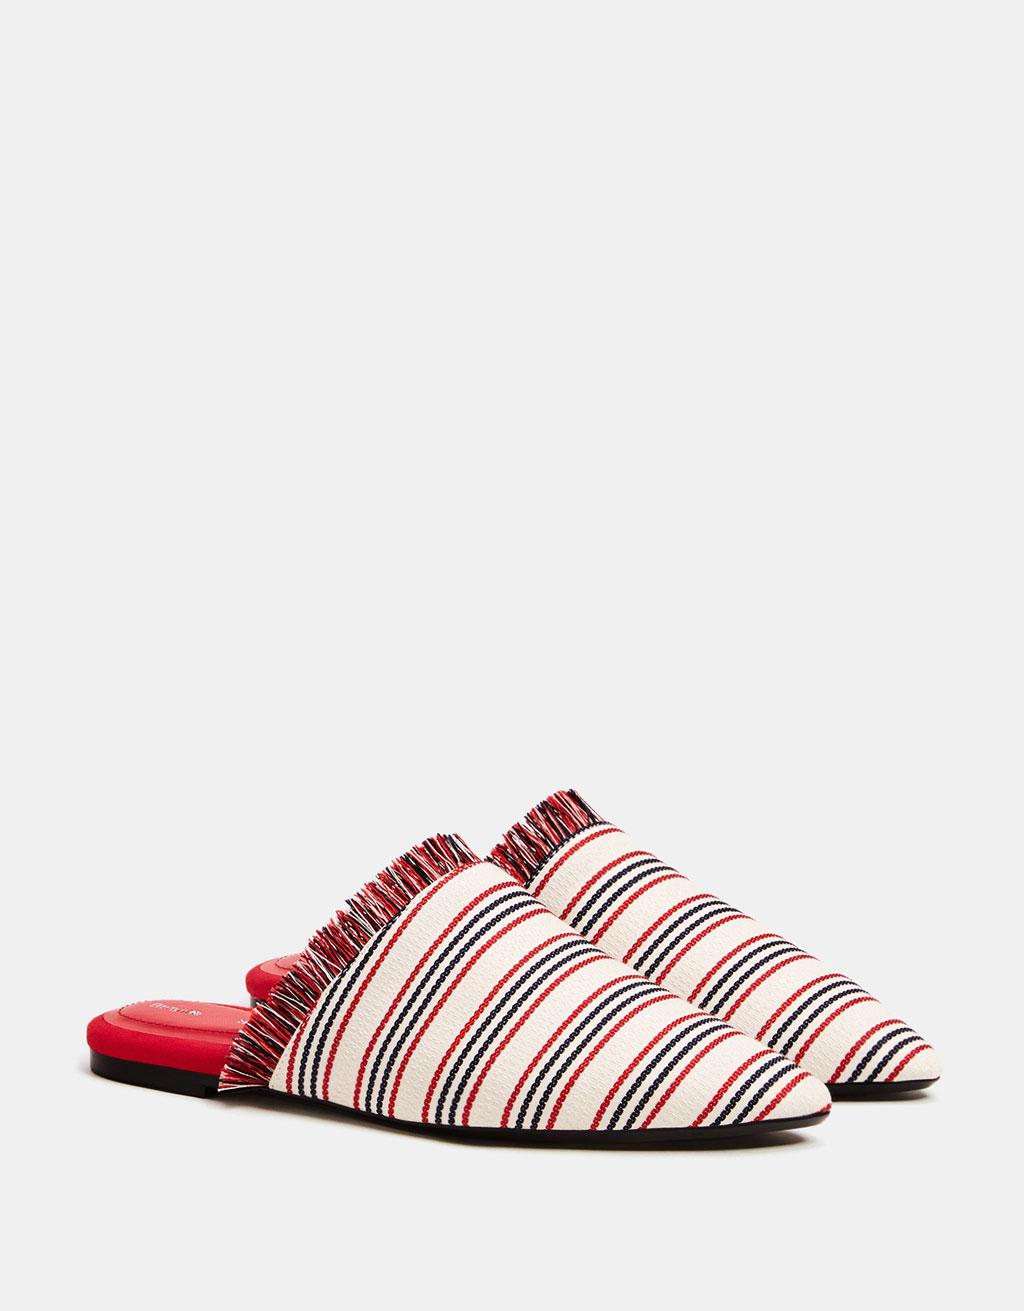 Woven flat shoe